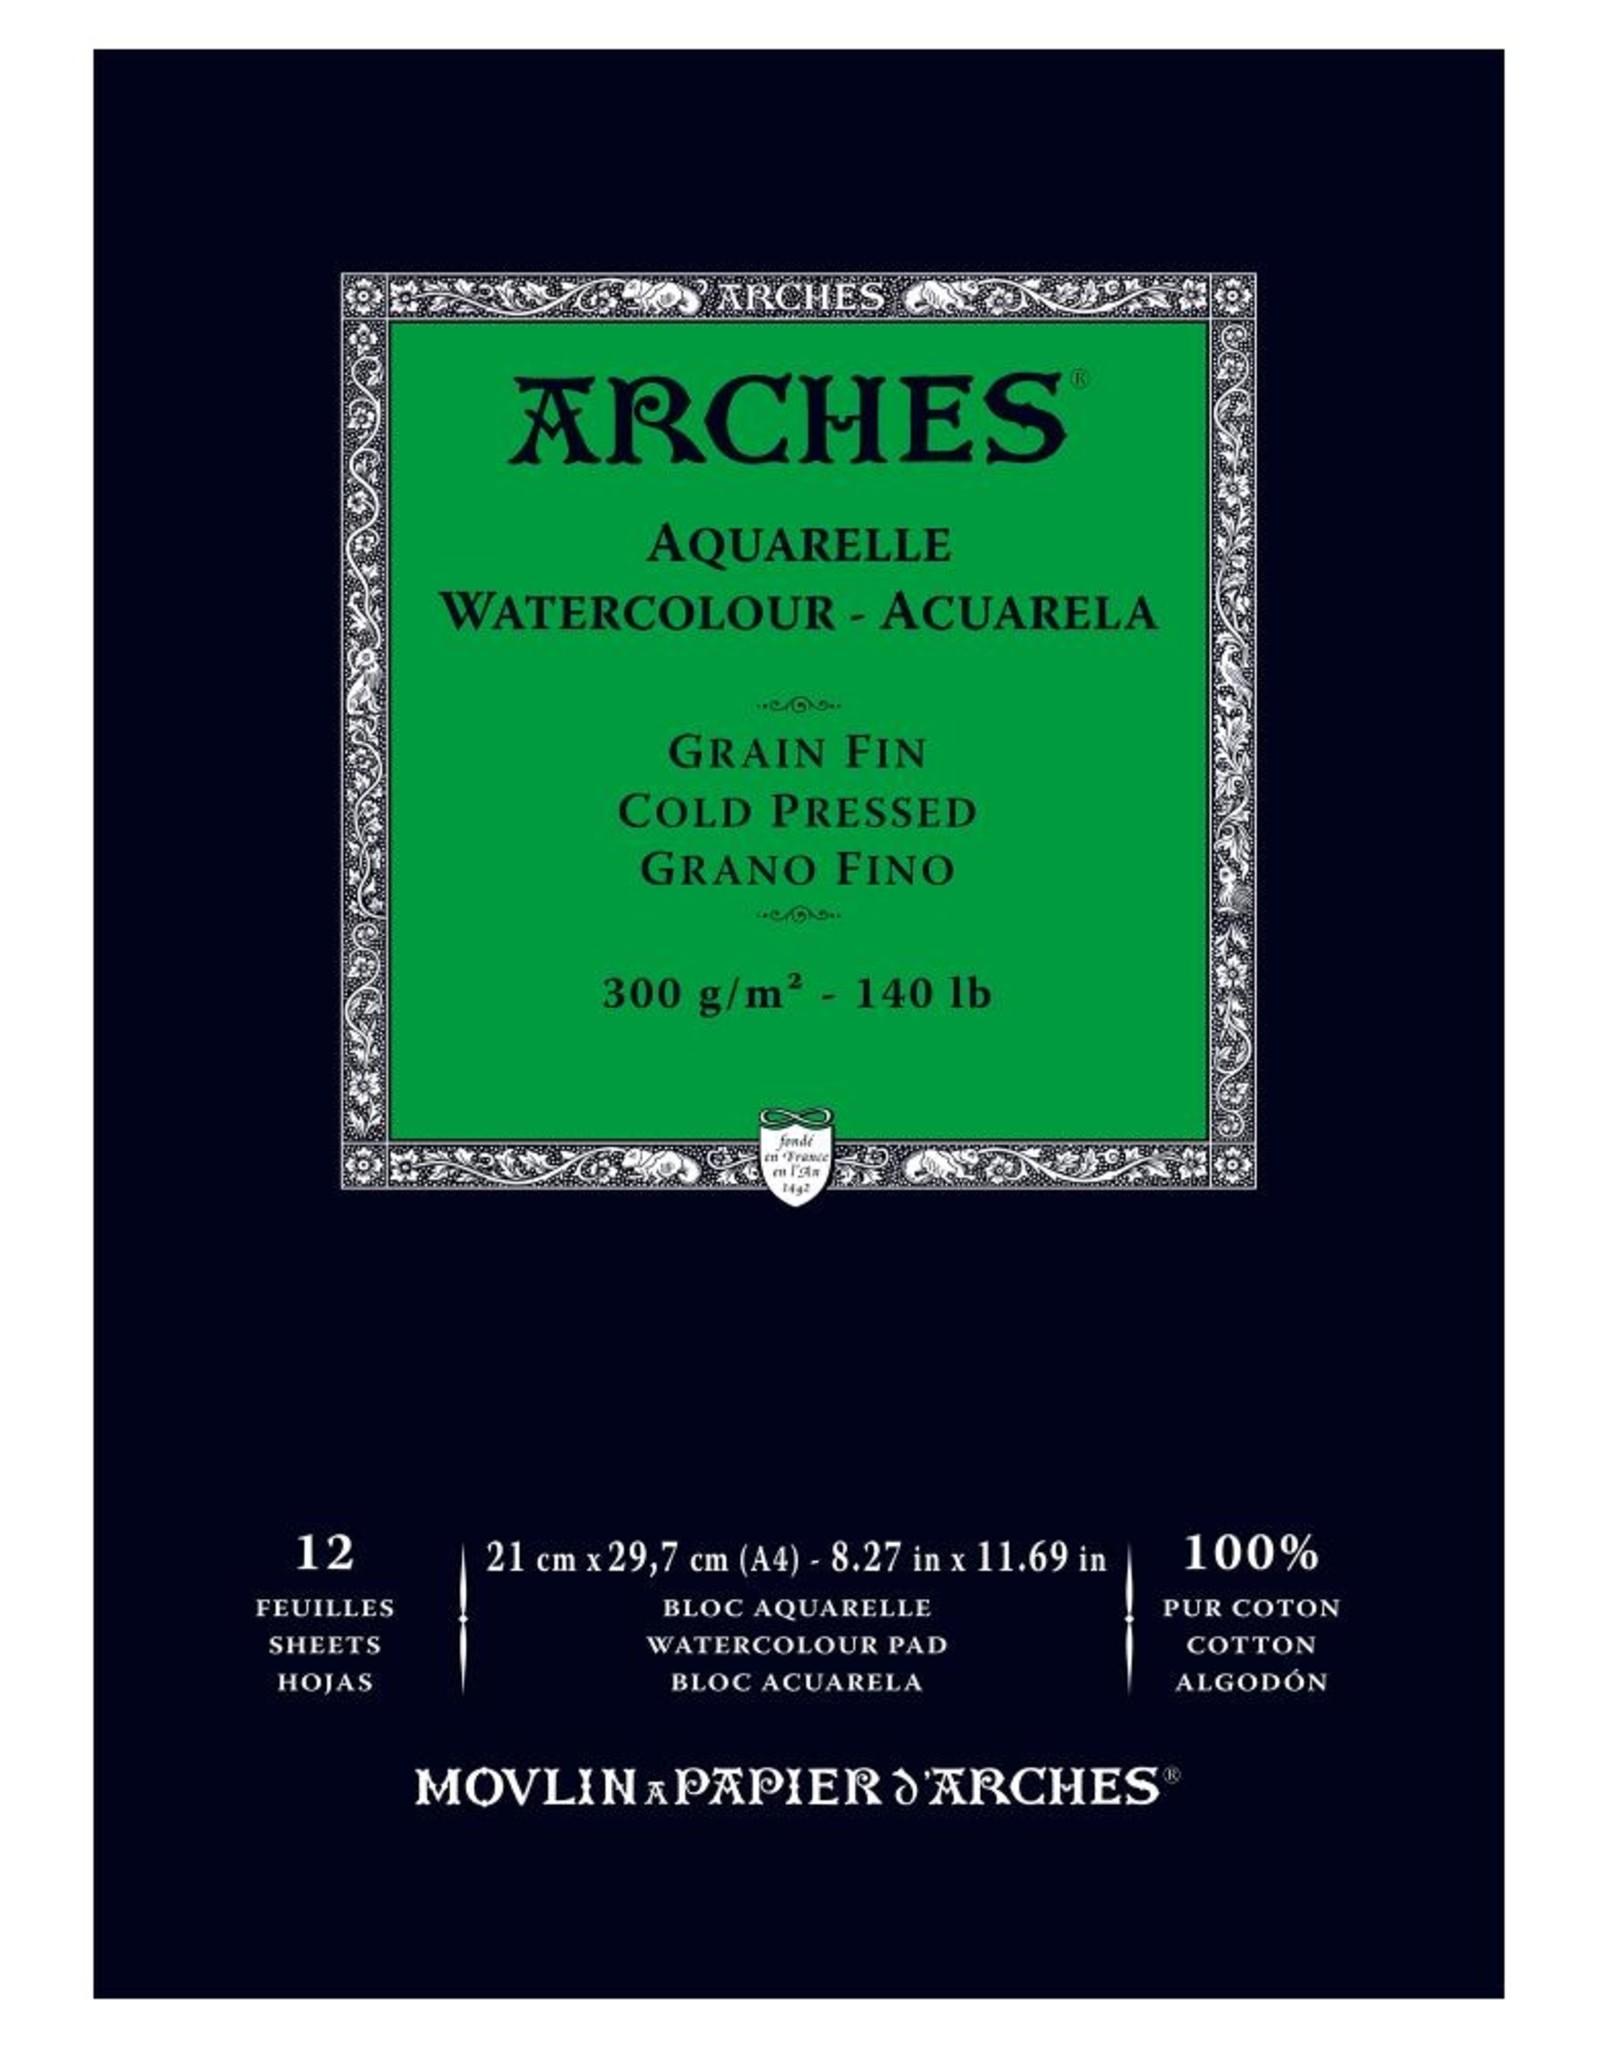 Arches staat voor topklasse aquarelpapier in drie soorten korrel: Niet - ruw, koud - middel, en heet -fijn- geperst. Alle blokken zijn in de stof gelijmd. Ze voelen voor de beginner misschien wat kartonnig aan, maar leveren de allermooiste verfvlek.